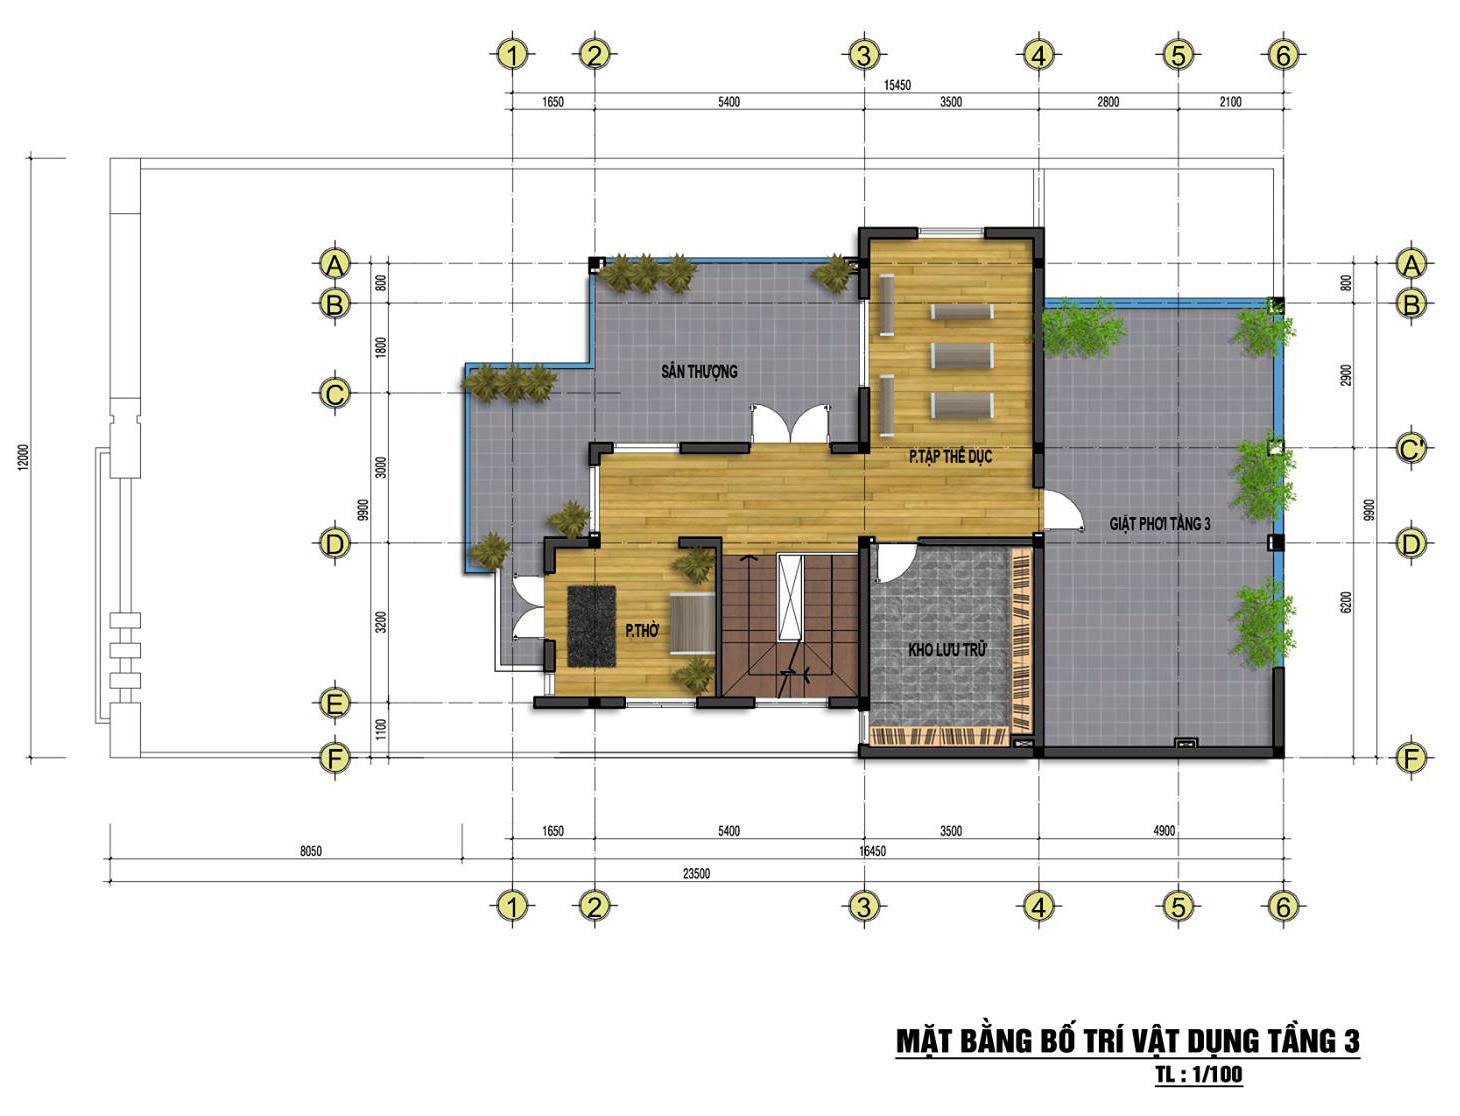 Mặt bằng tầng 3 mẫu nhà phố đẹp 3 tầng